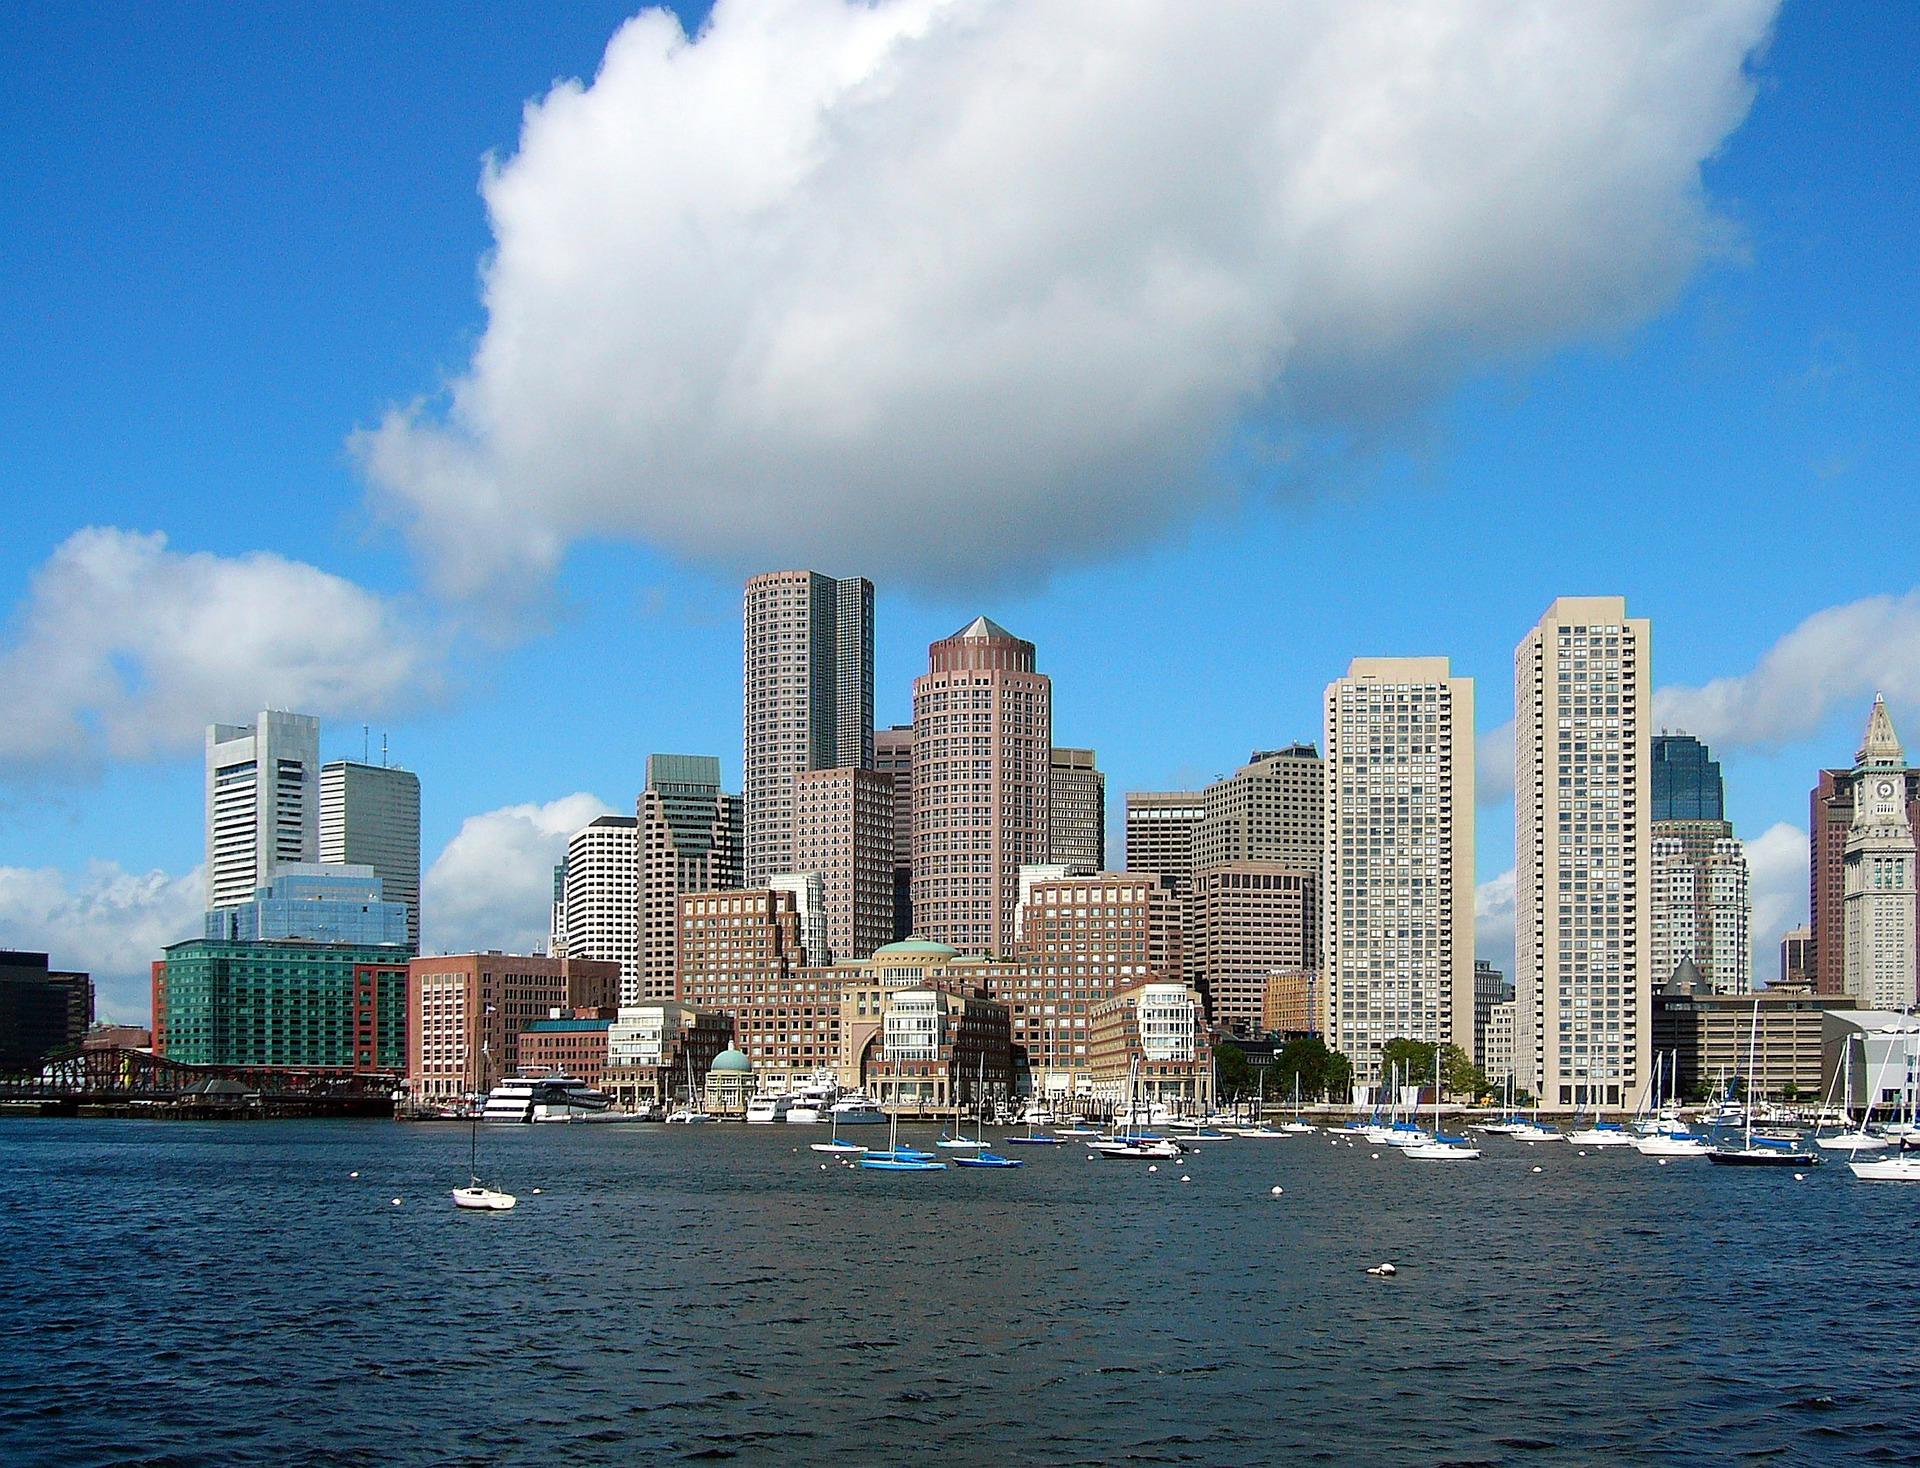 https://pixabay.com/en/boston-massachusetts-skyline-city-71799/